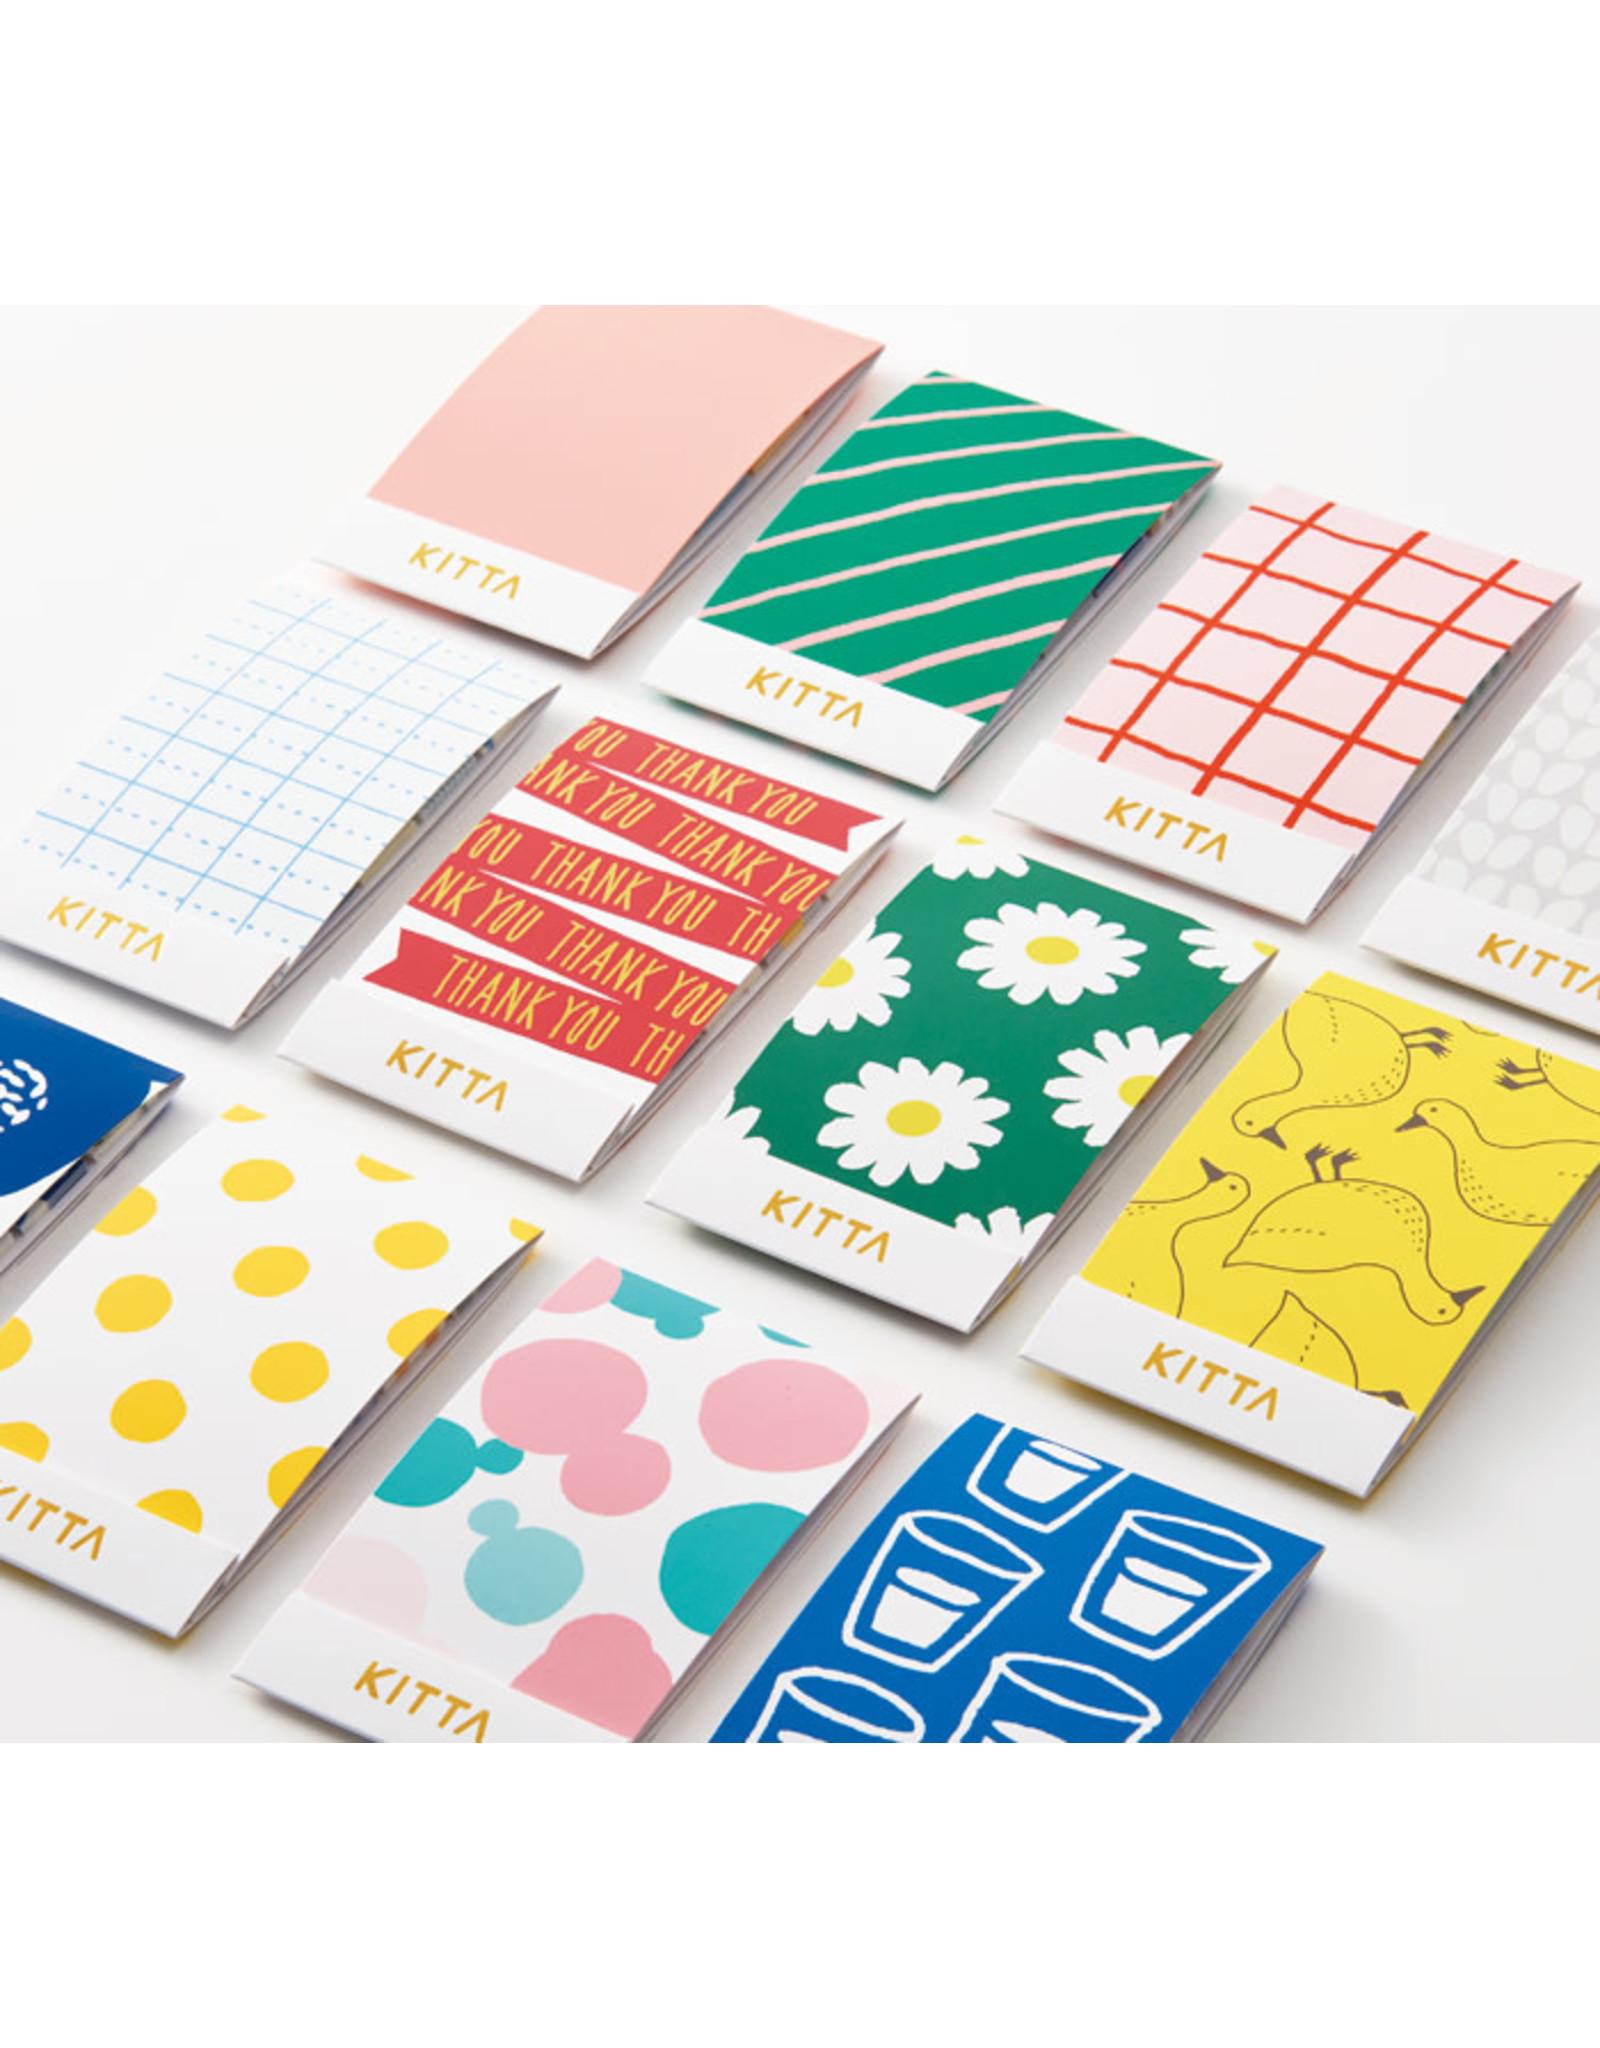 KING JIM CO., LTD. KITTA JAPANESE DESIGN